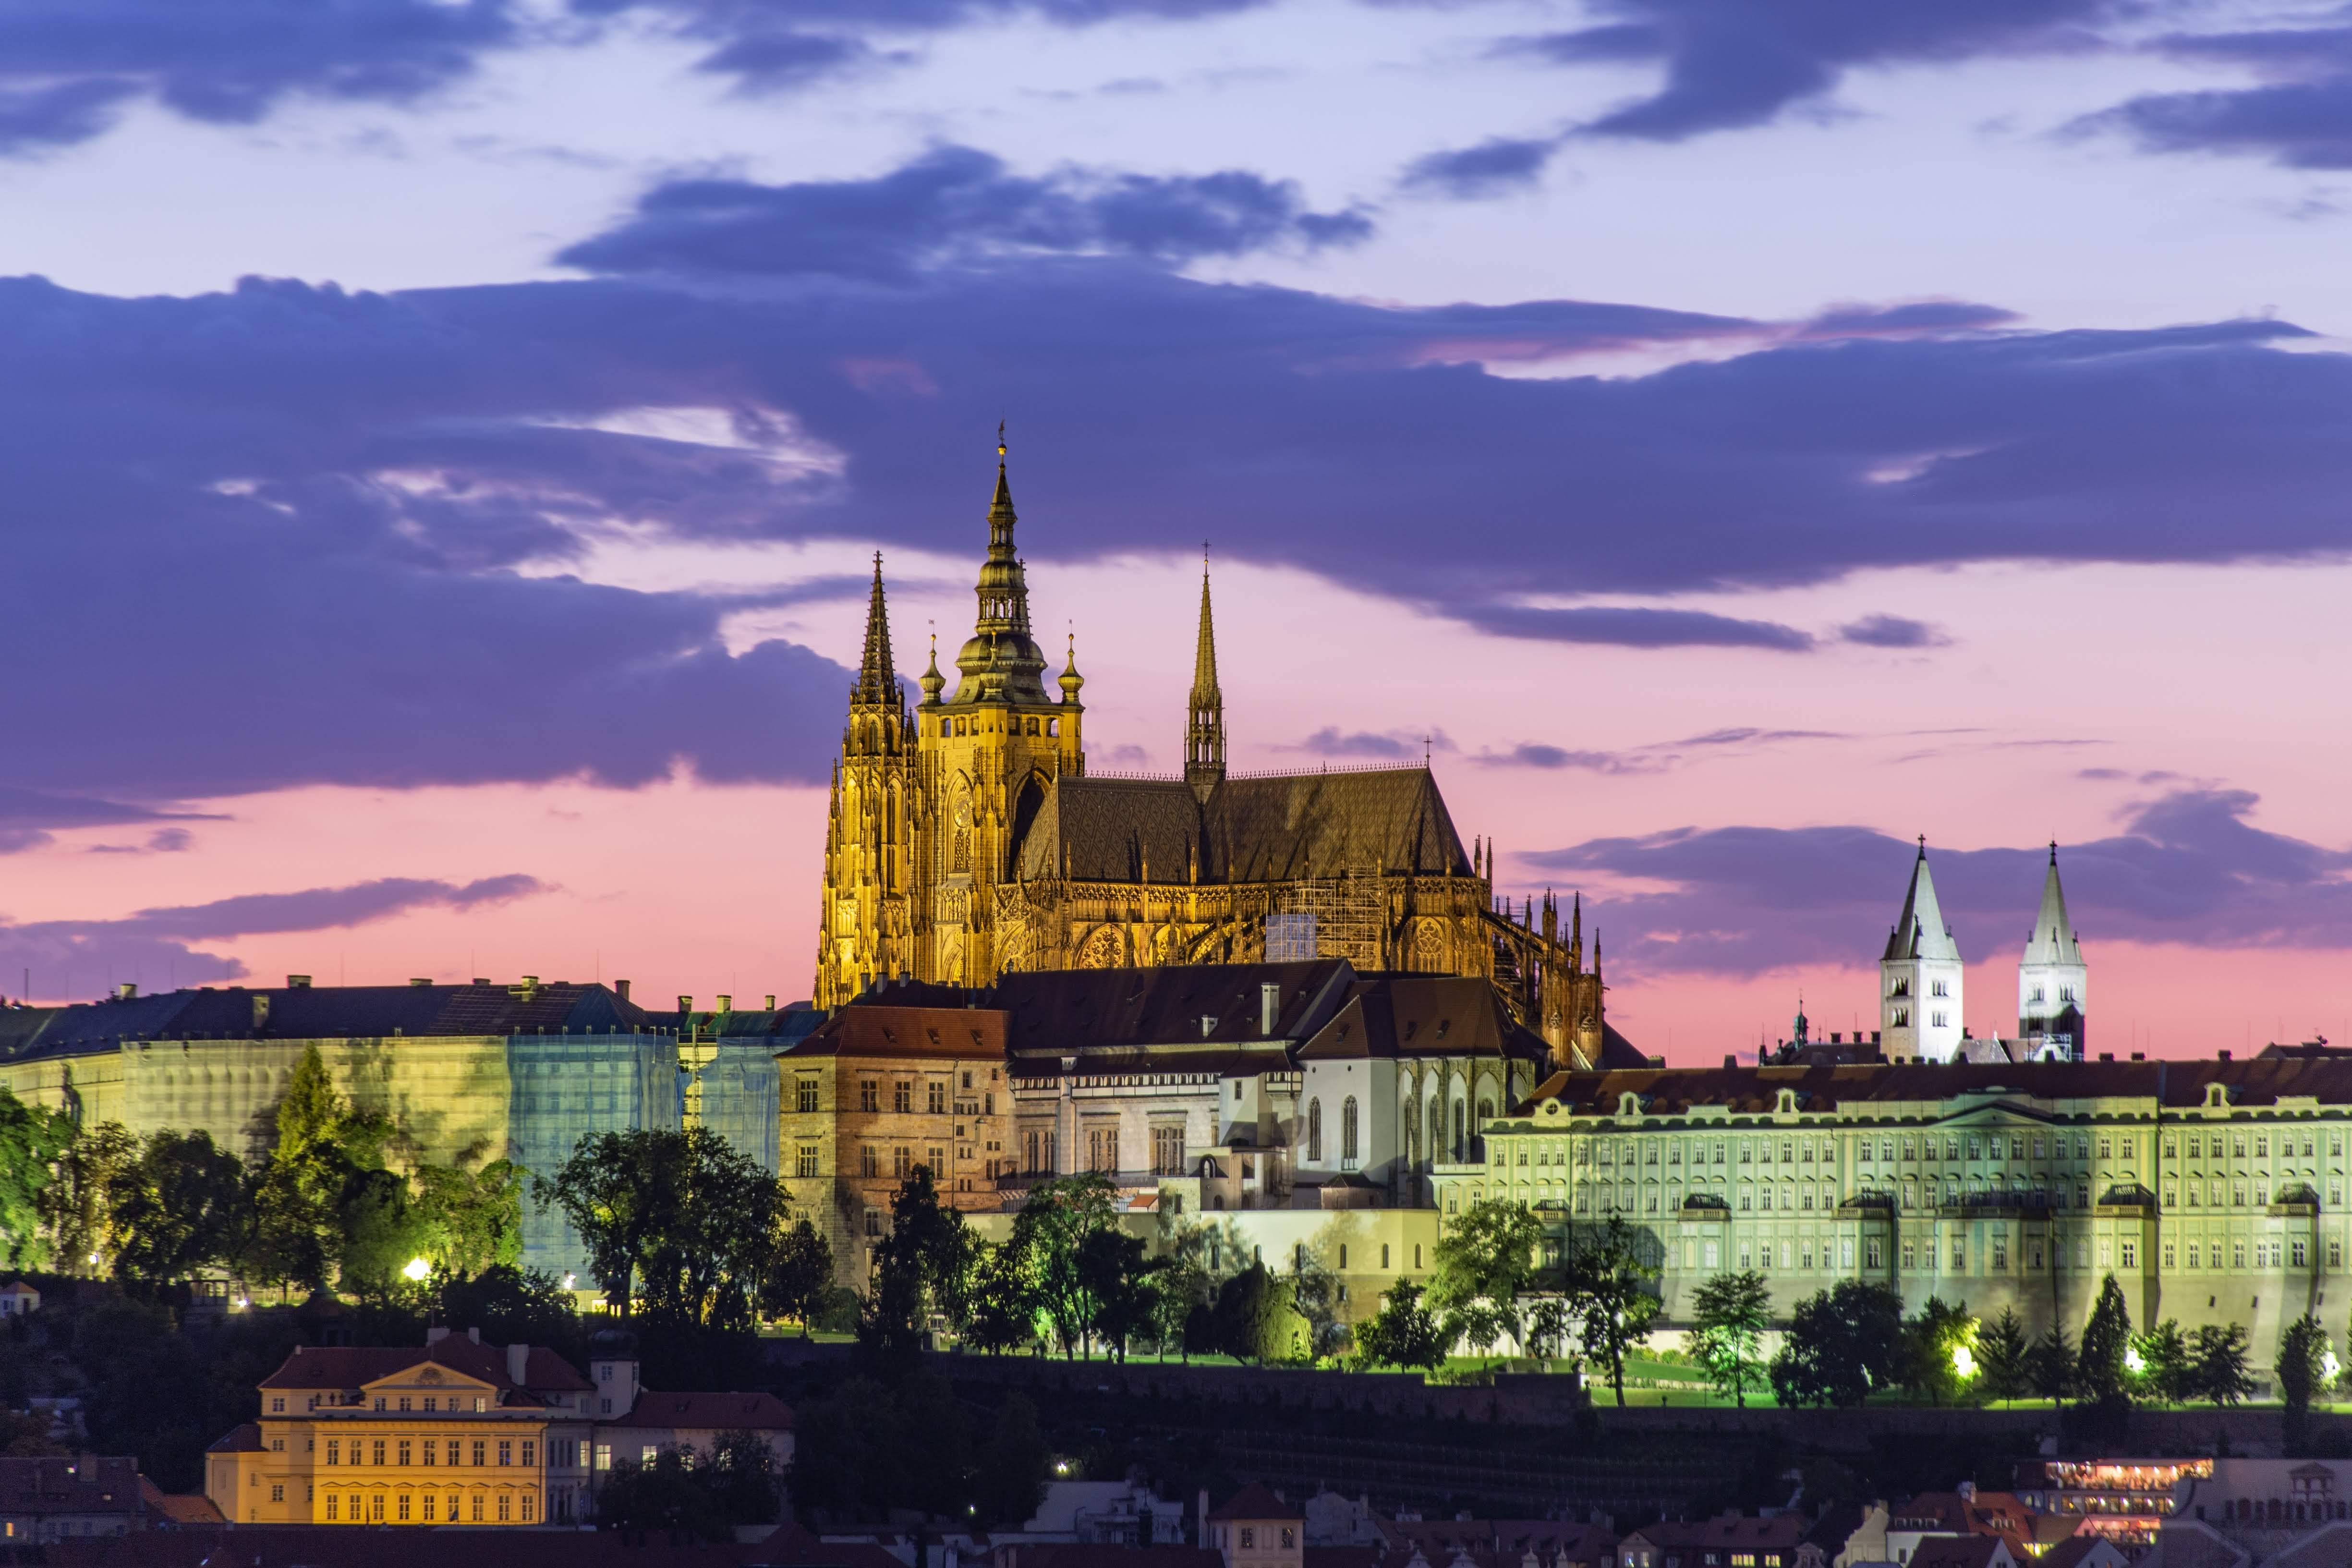 Castelo de Praga / Praha Hrad